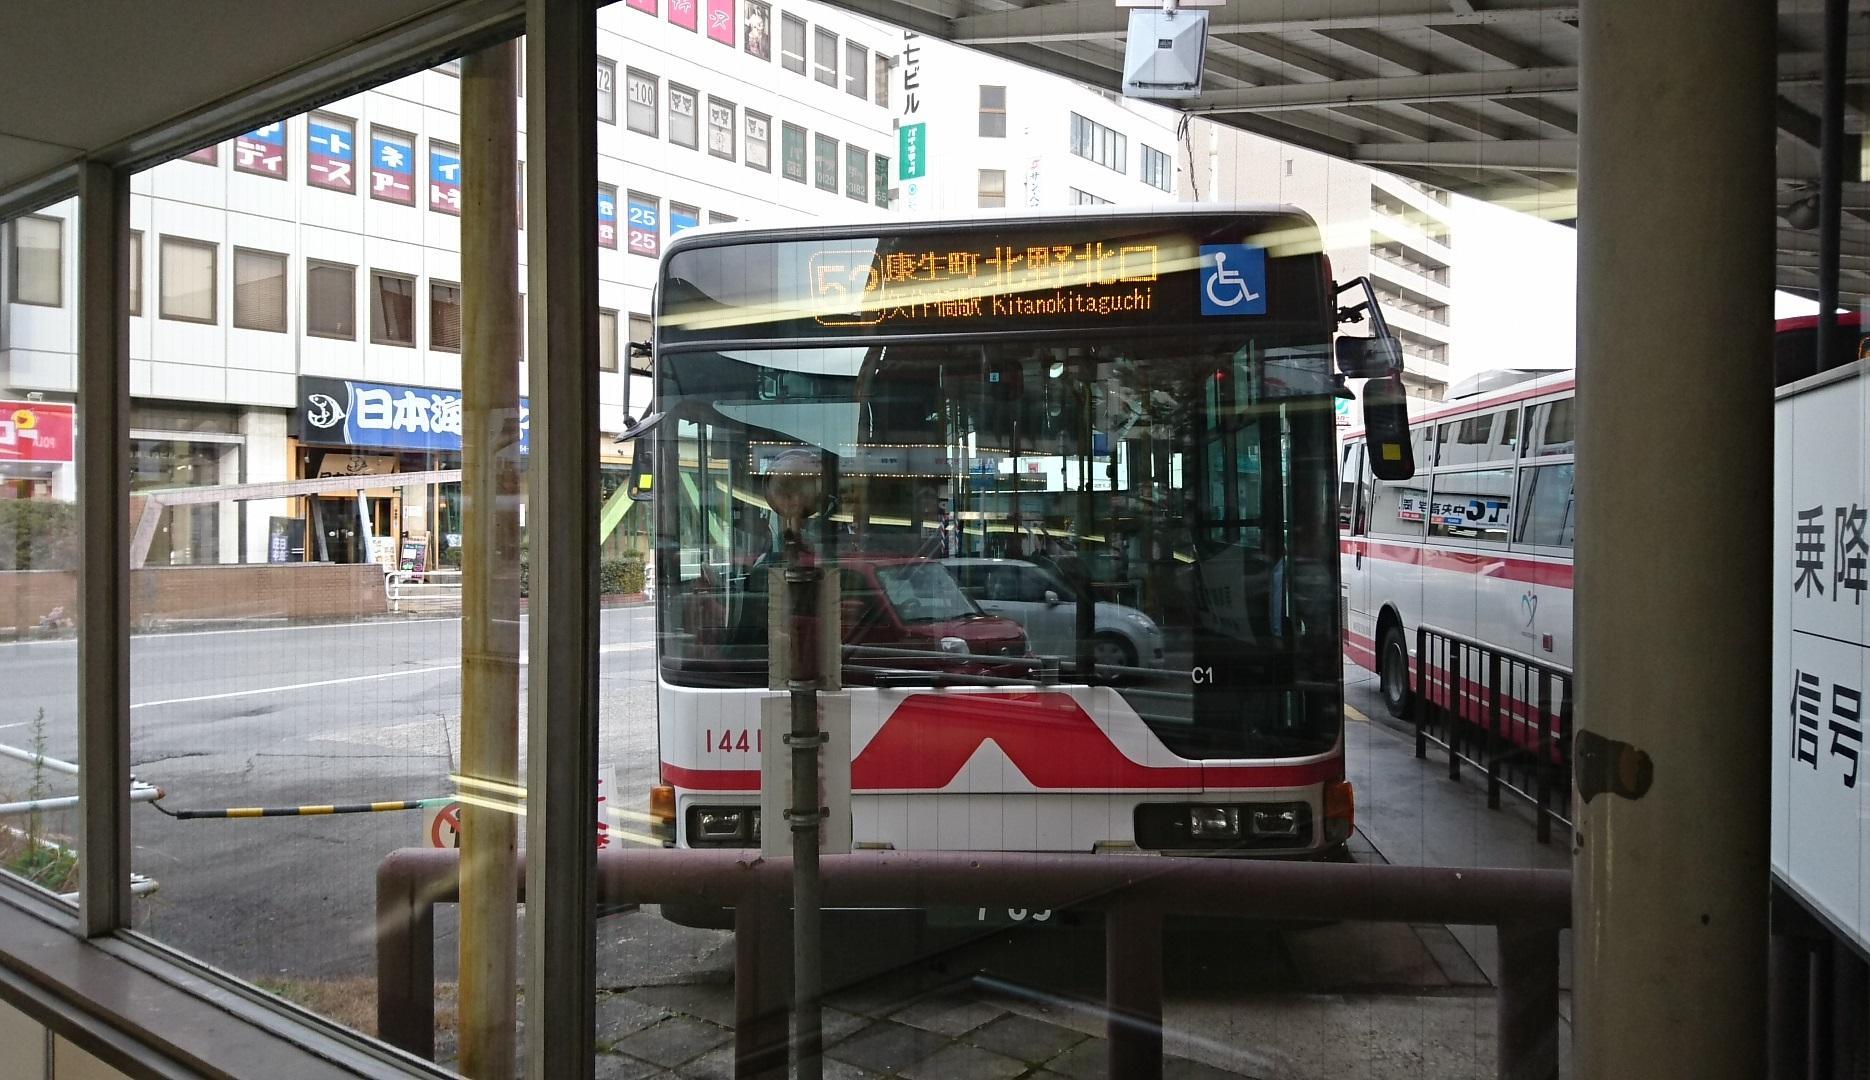 2017.2.8 名鉄バス (1) 東岡崎 - 北野北口いきバス 1870-1080